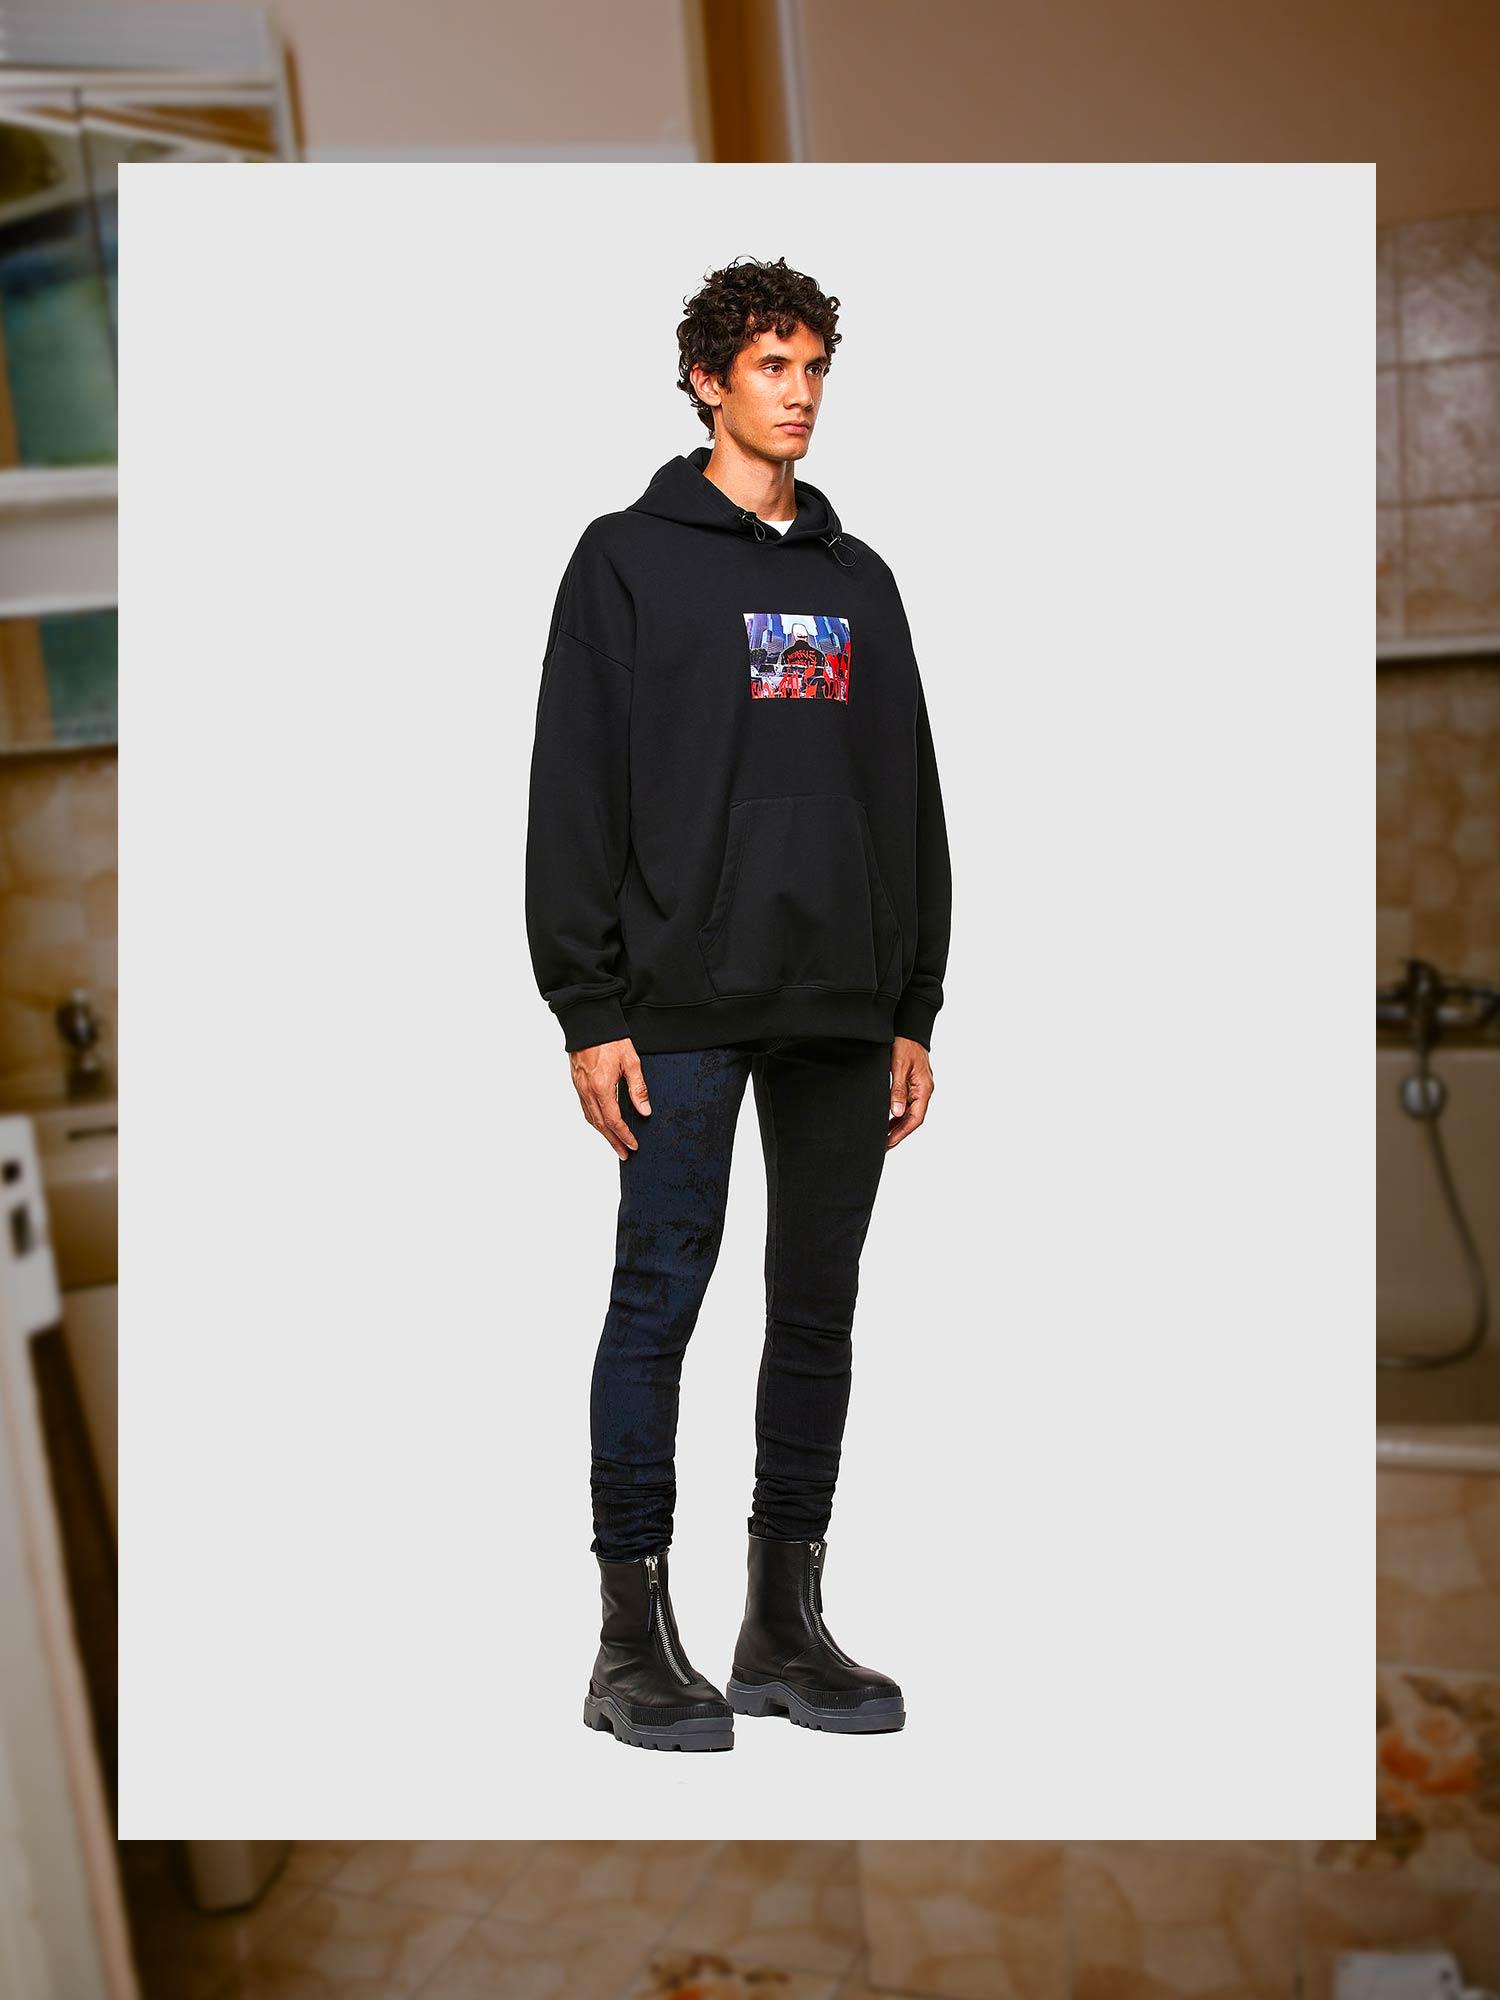 Diesel Jeans Skinny Fit: D-Amny   Shop Now on Diesel.com